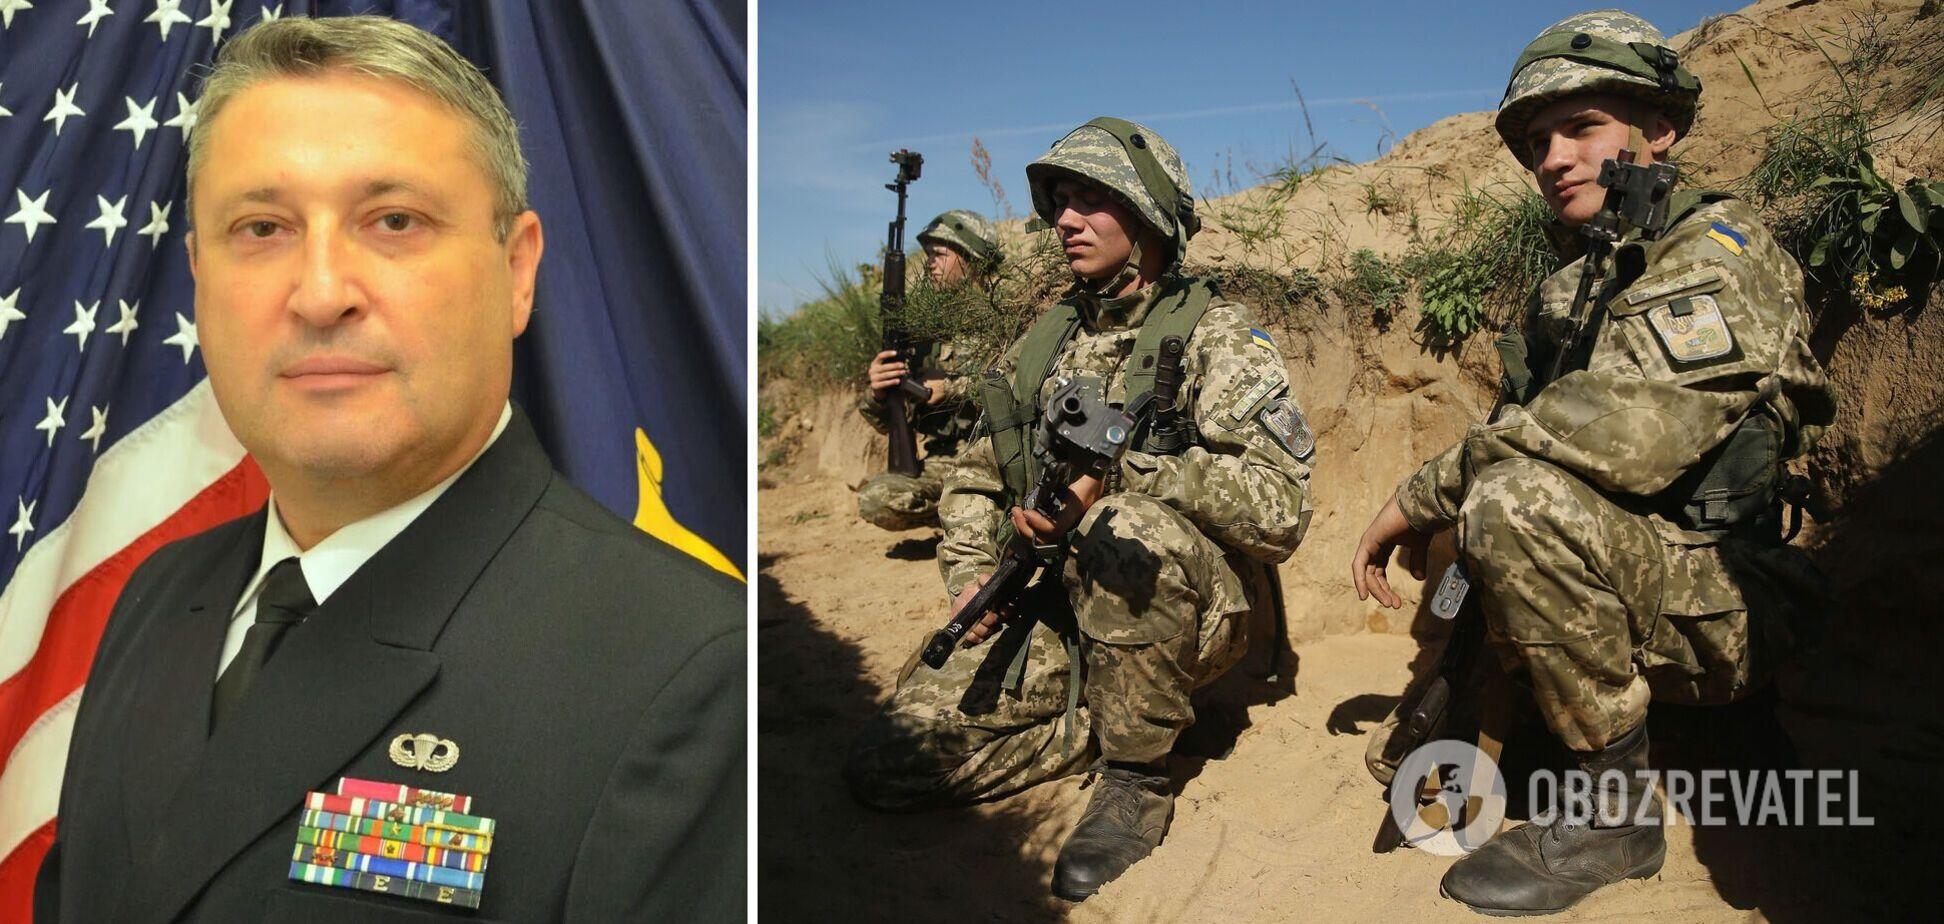 ВСУ могут освободить Донбасс, но ситуация сложная, – офицер НАТО